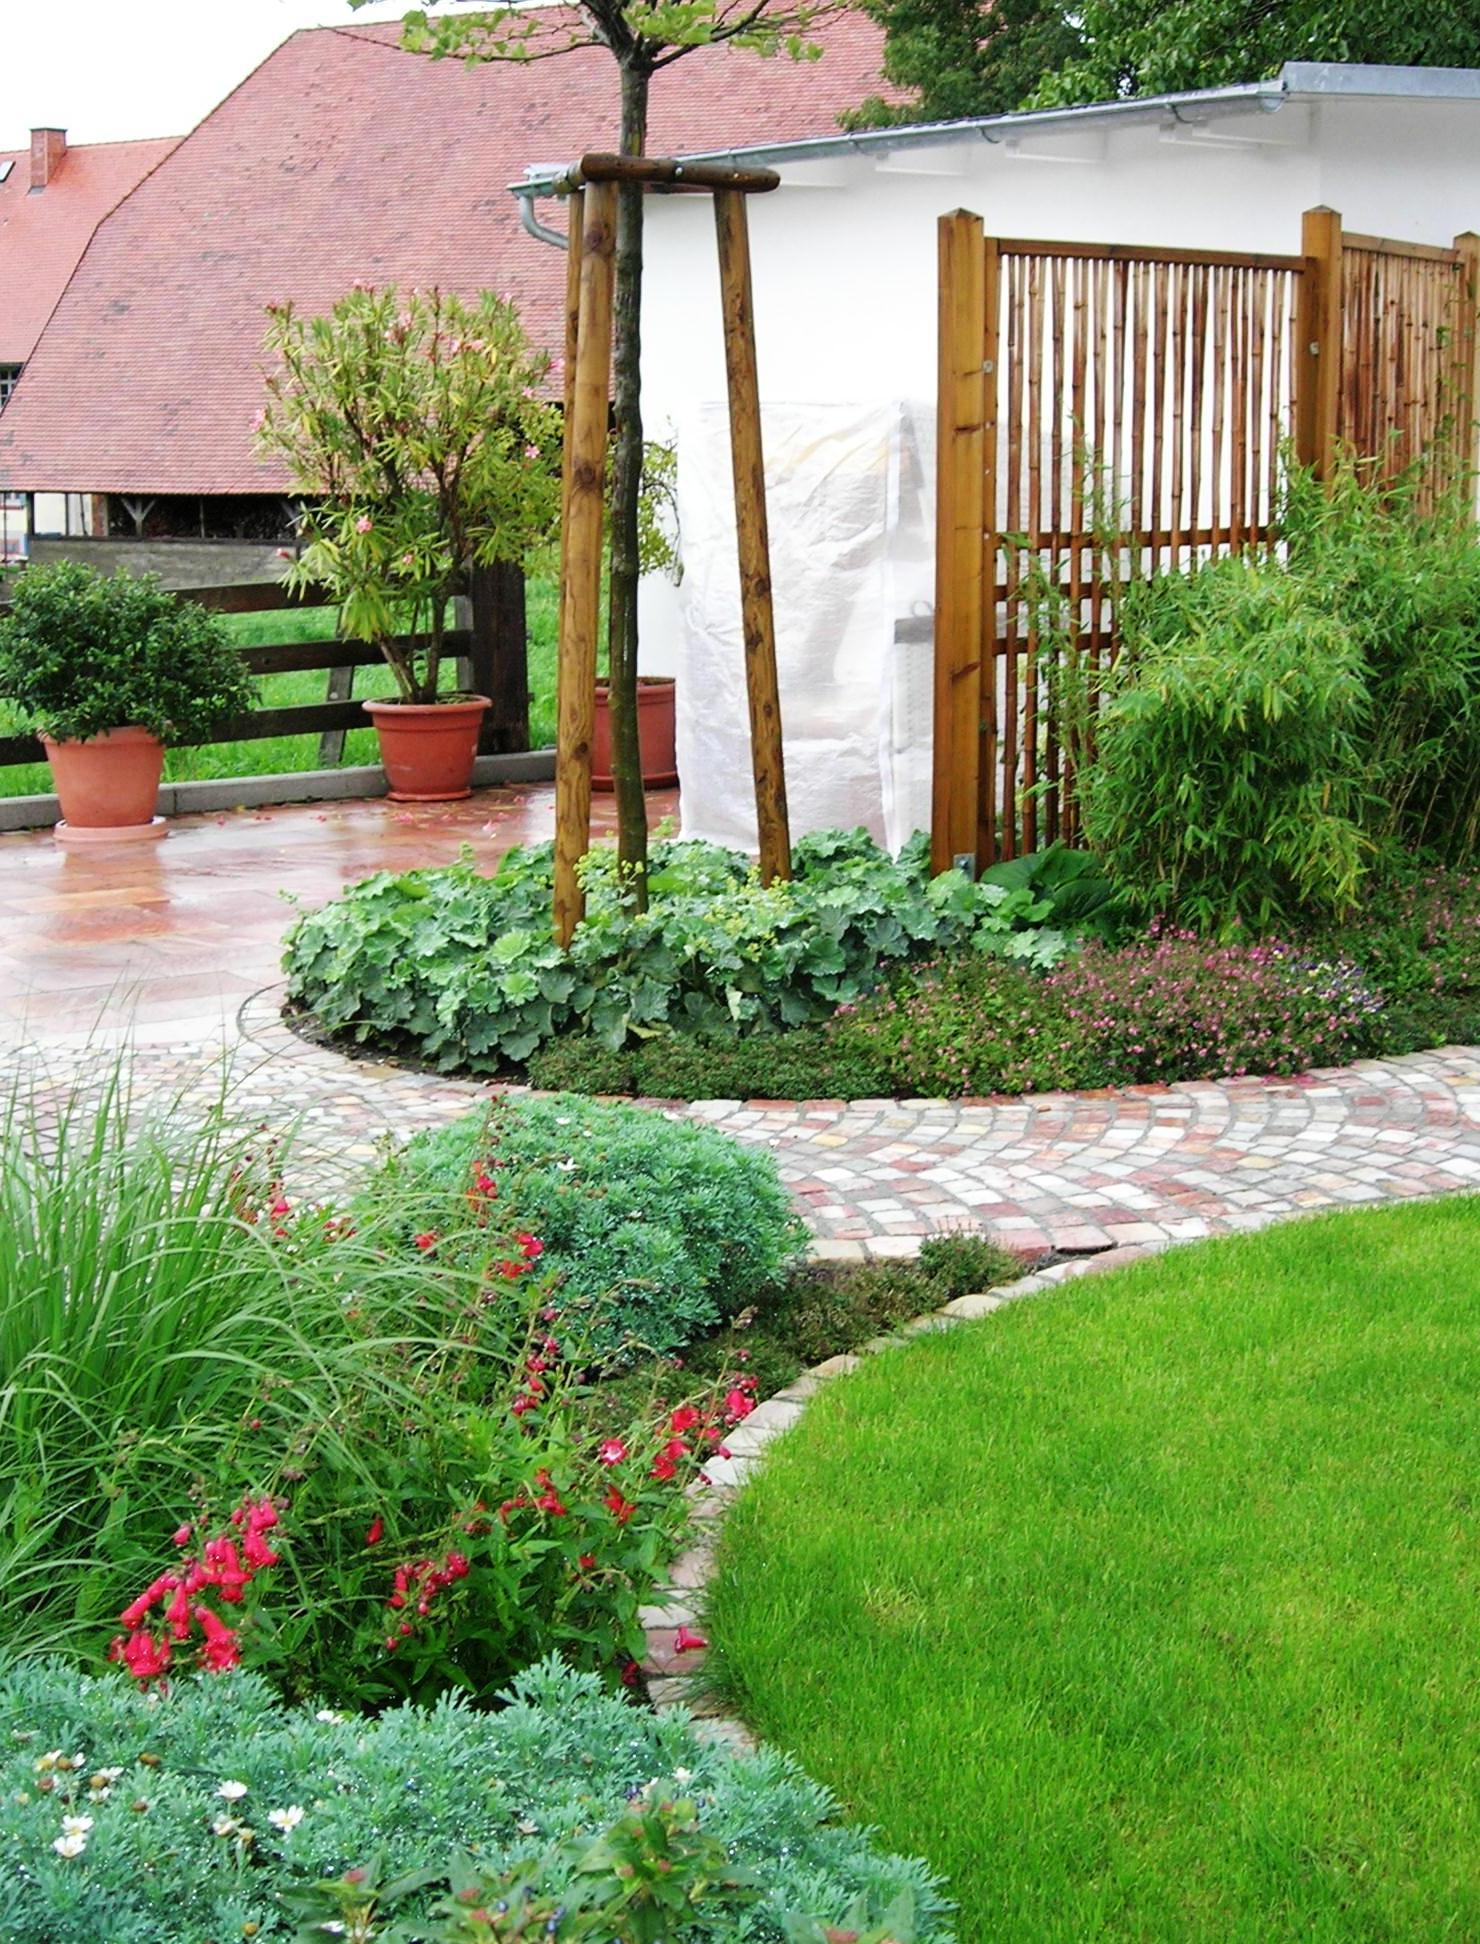 Bild-5-Landhaus-Garten-Form-Farbe Faszinierend solar Led Leuchten Für Den Garten Dekorationen